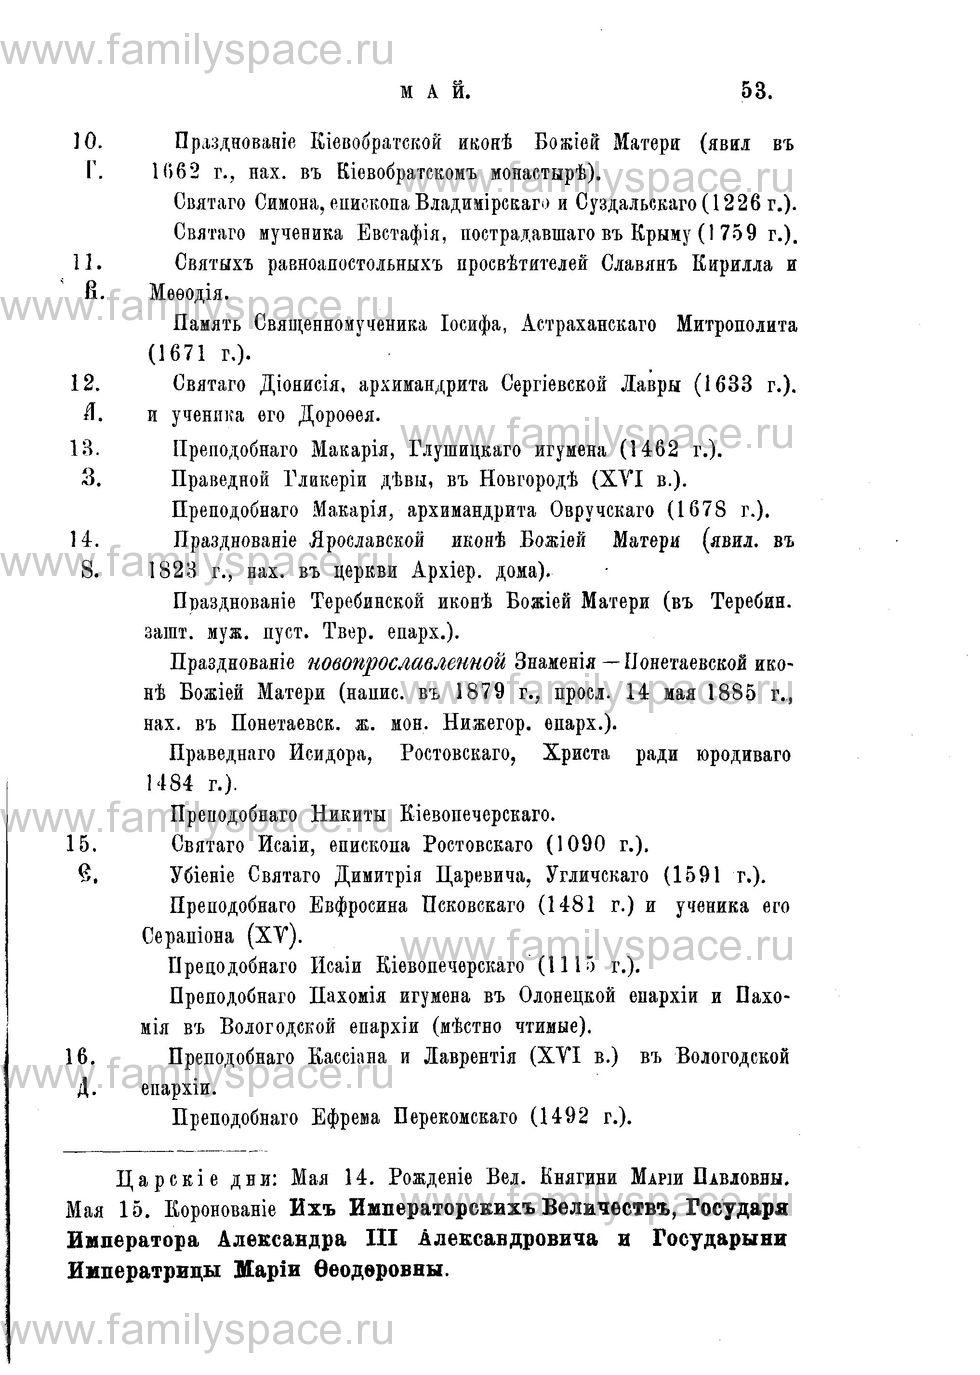 Поиск по фамилии - Адрес-календарь Нижегородской епархии на 1888 год, страница 1053